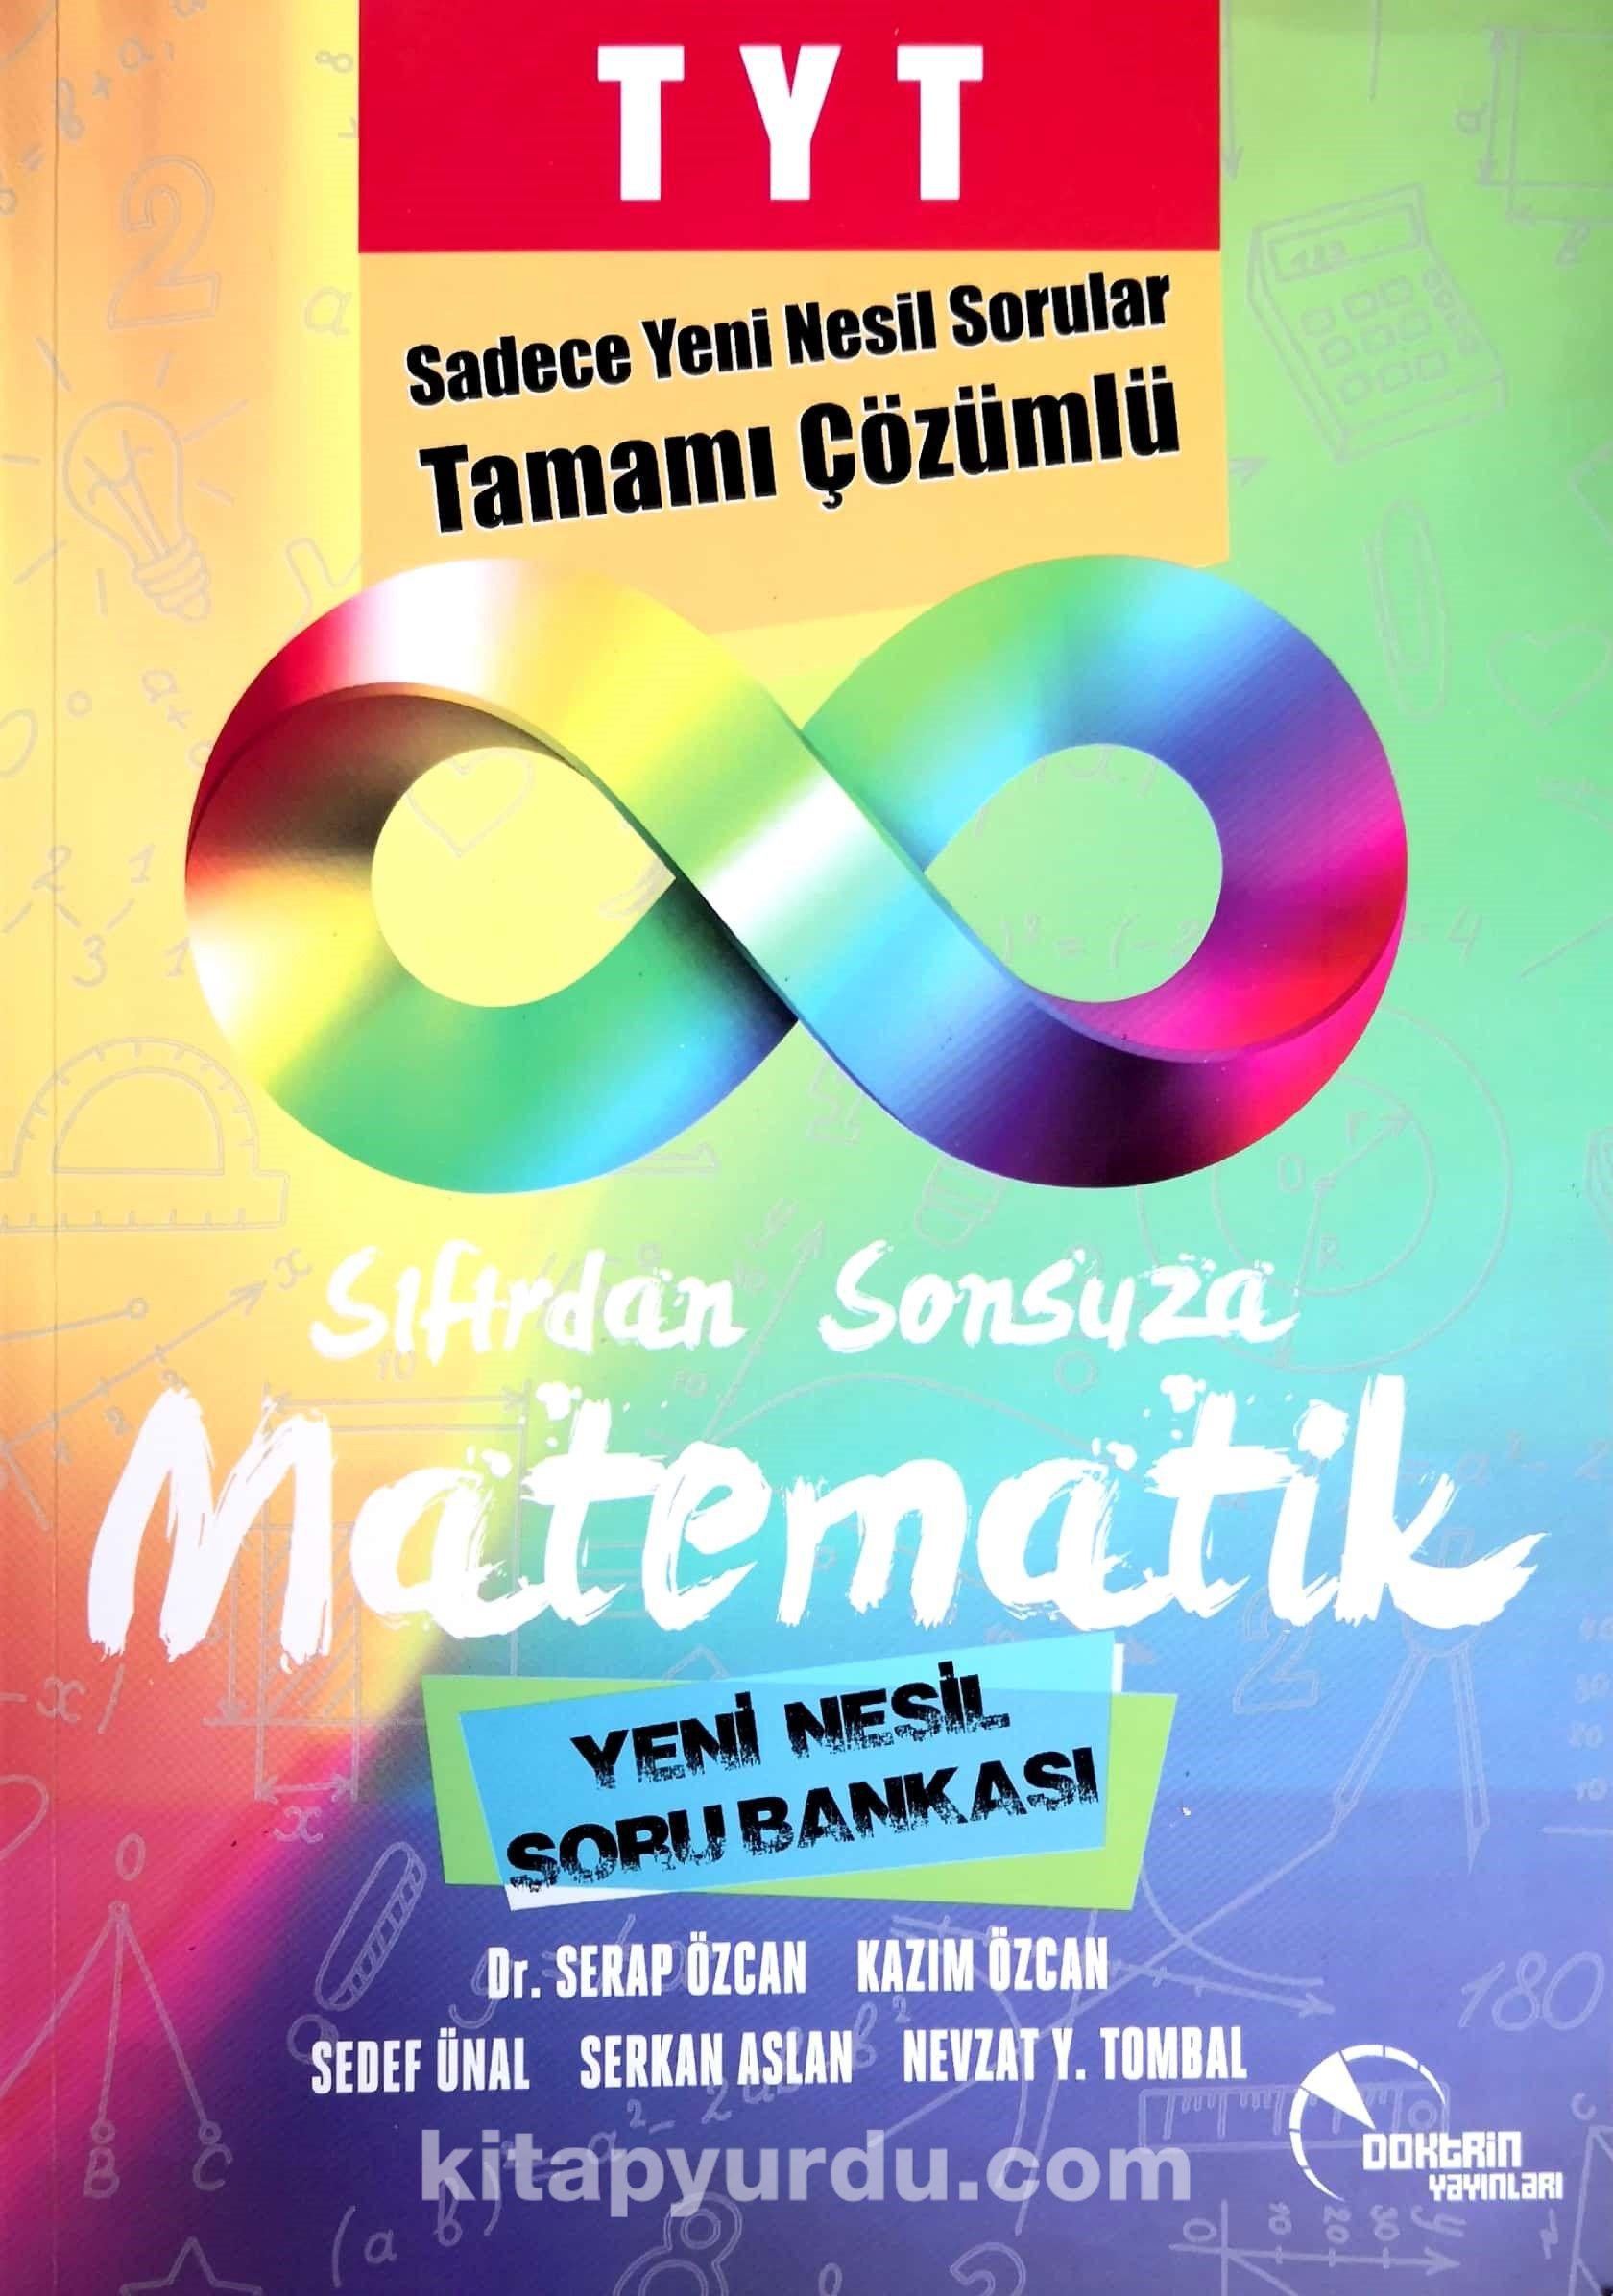 TYT Sıfırdan Sonsuza Matematik Yeni Nesil Soru Bankası